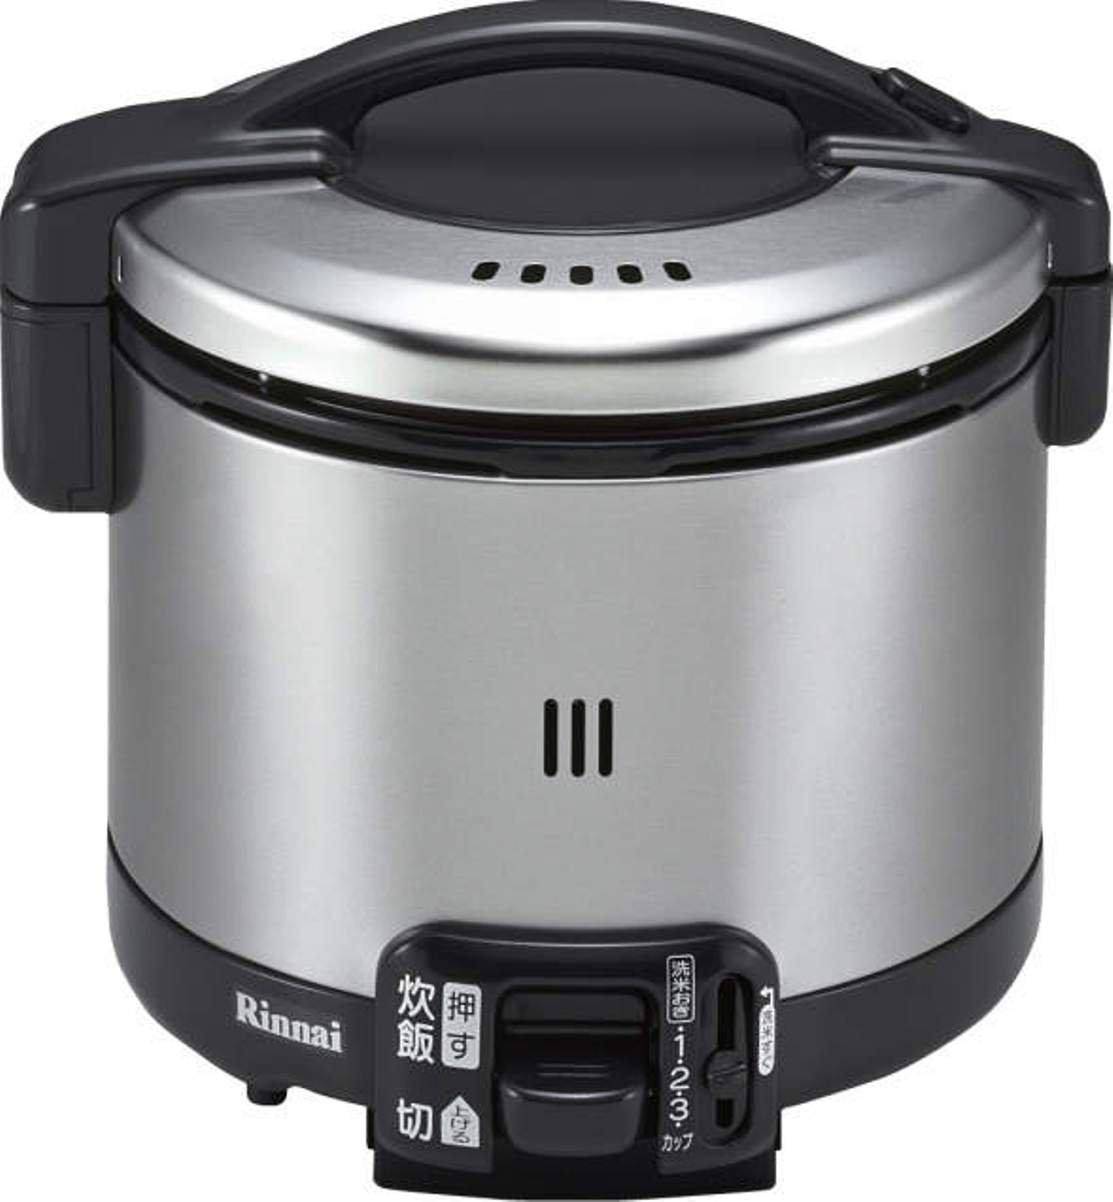 リンナイ ガス炊飯器(プロパンガス用) 【こがまる】 0.5~3.5合 ブラック RR-035GS-D-LP   B009PIBM6Y